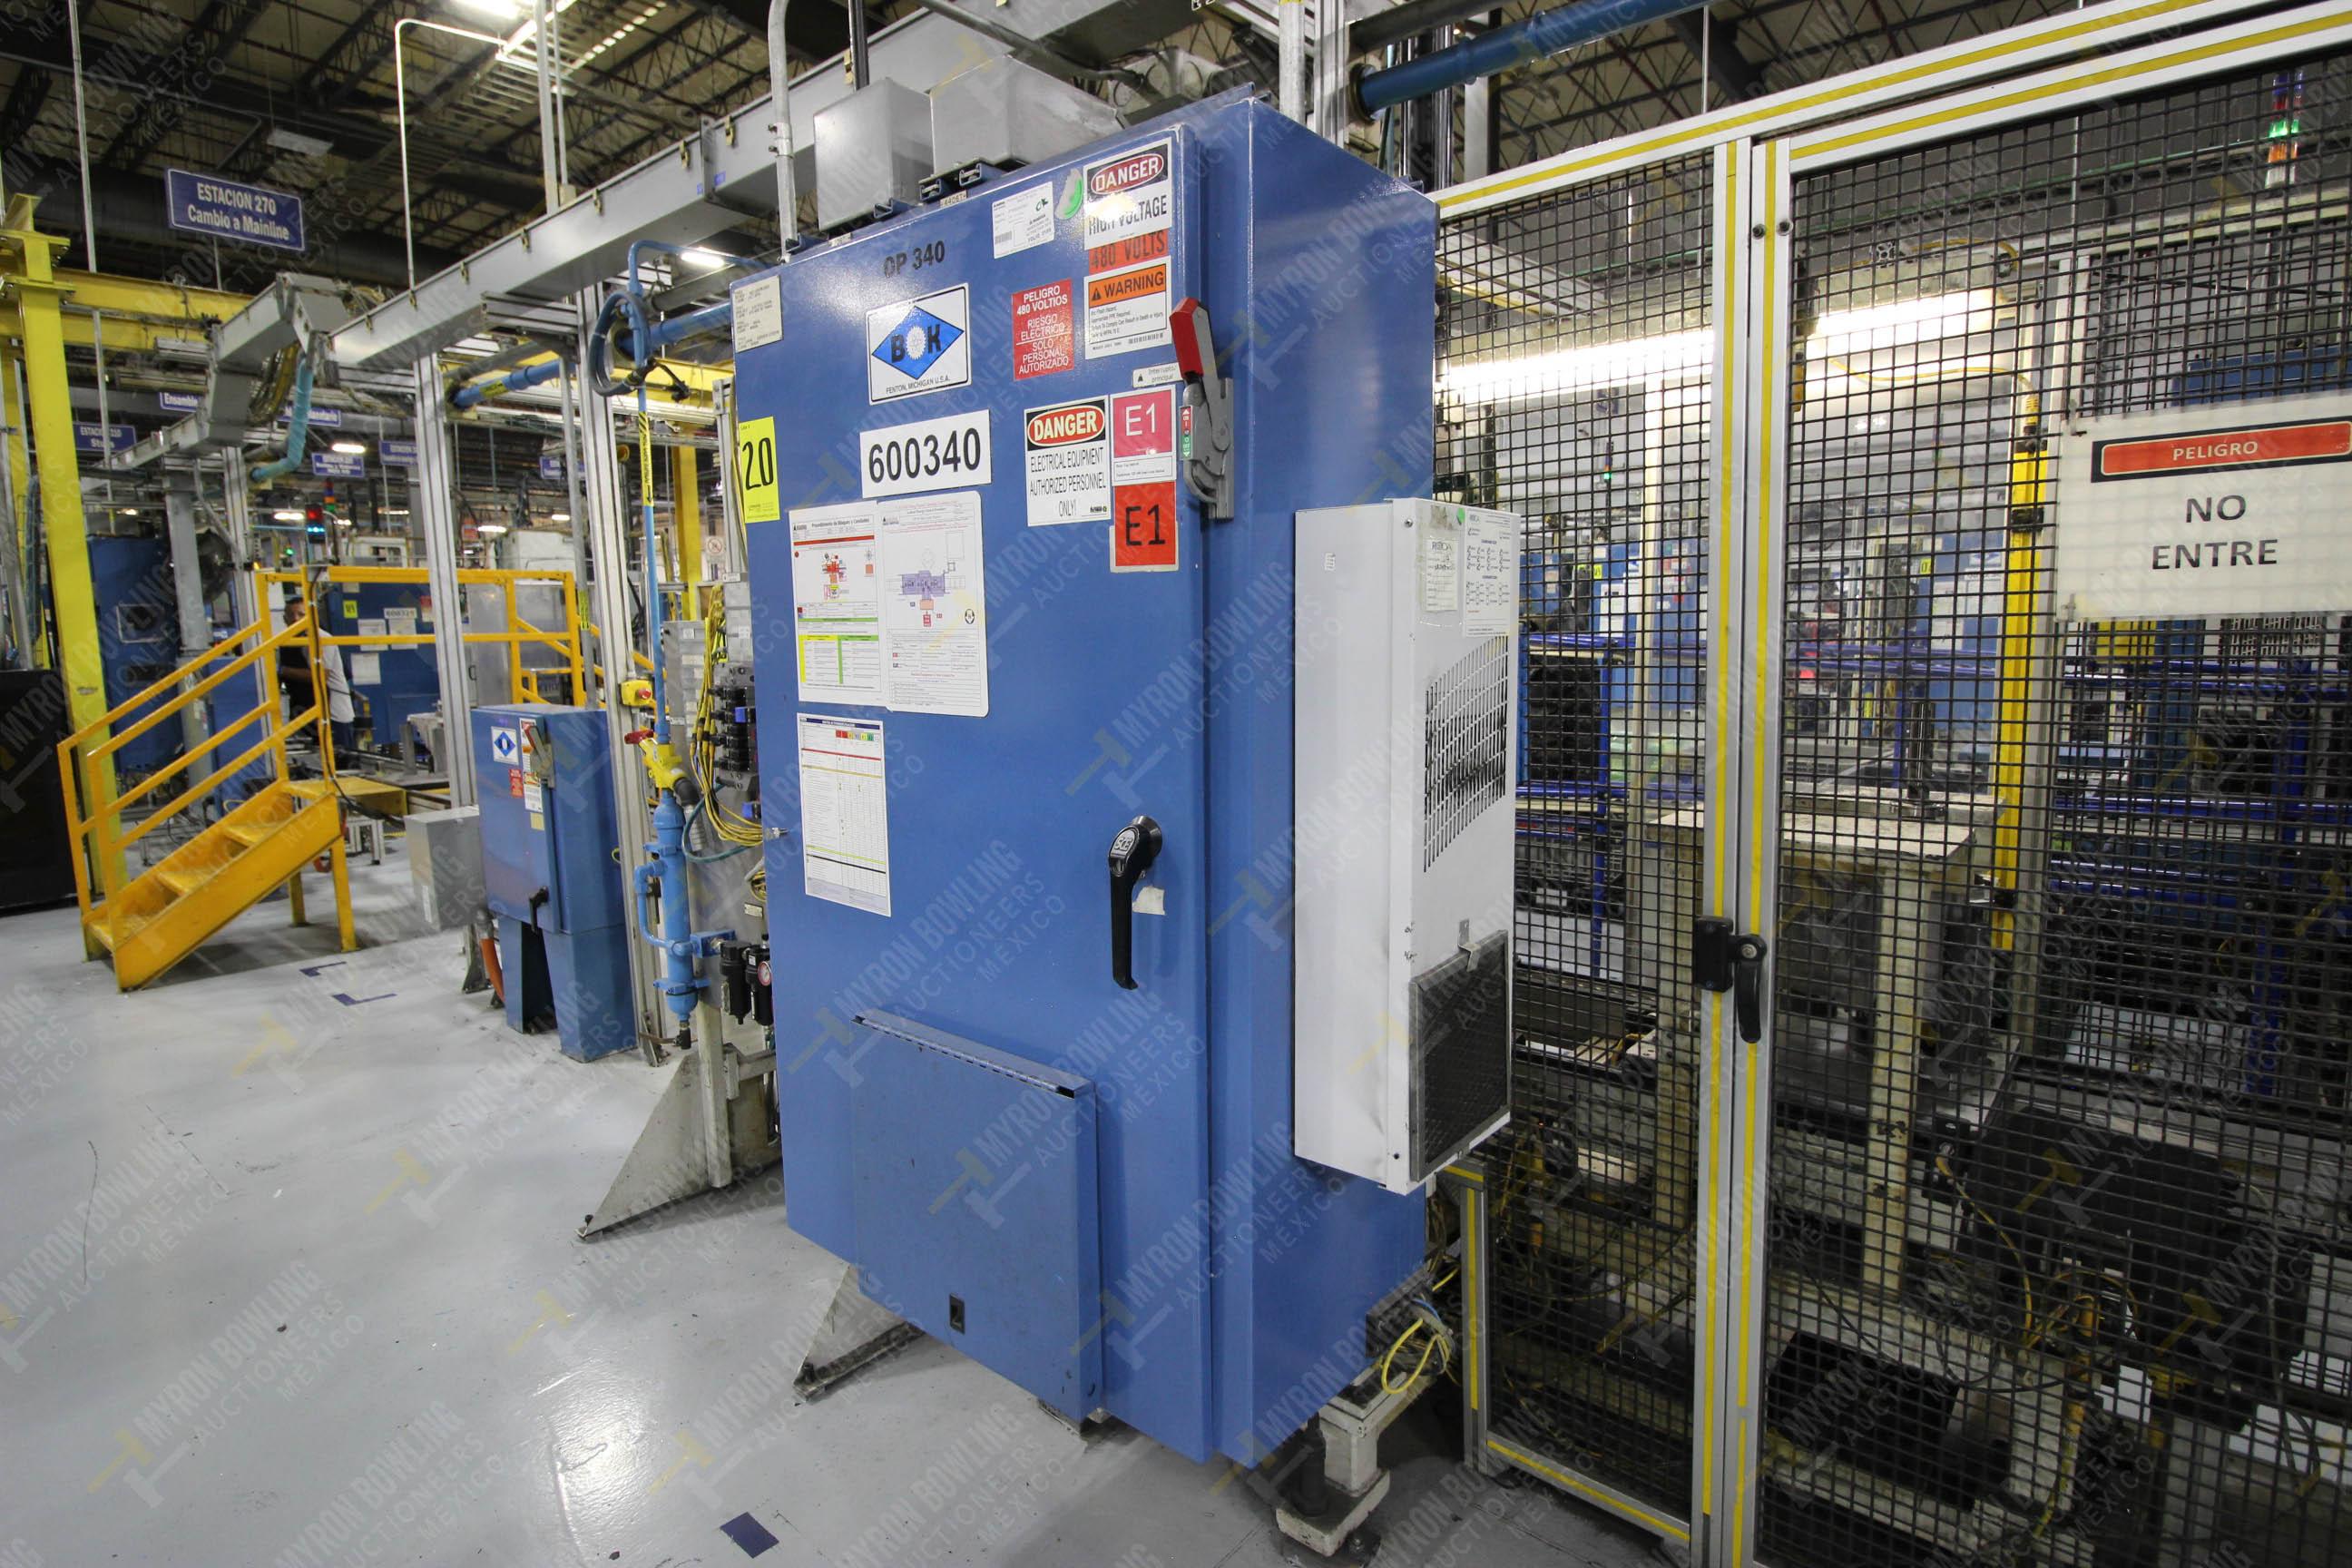 Estación semiautomática para operación 340, contiene: Prensa en estructura de placa de acero - Image 25 of 32